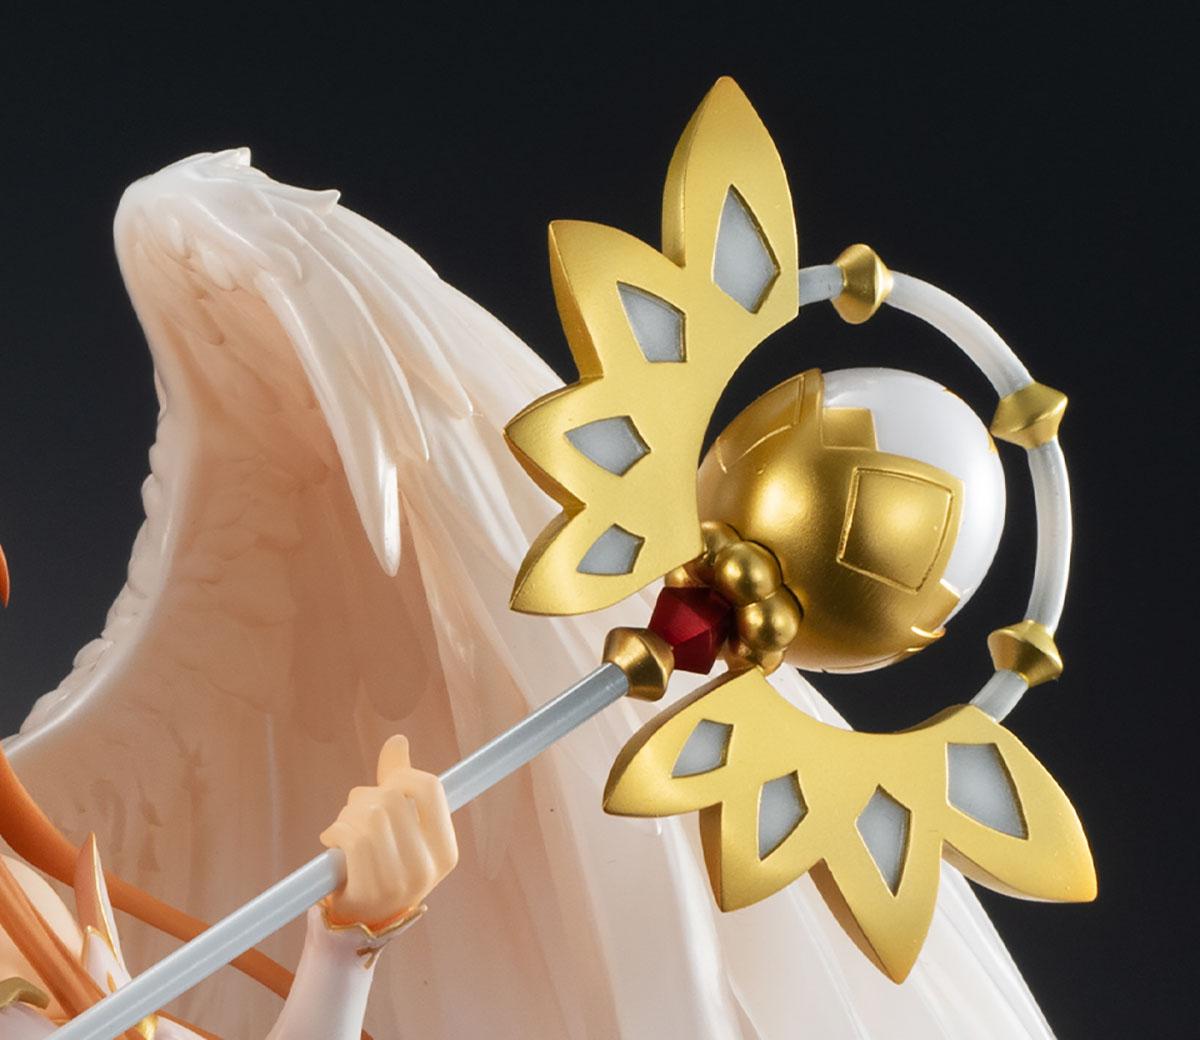 【限定販売】ソードアート・オンライン『アスナ -癒しの天使Ver-』1/7 完成品フィギュア-011